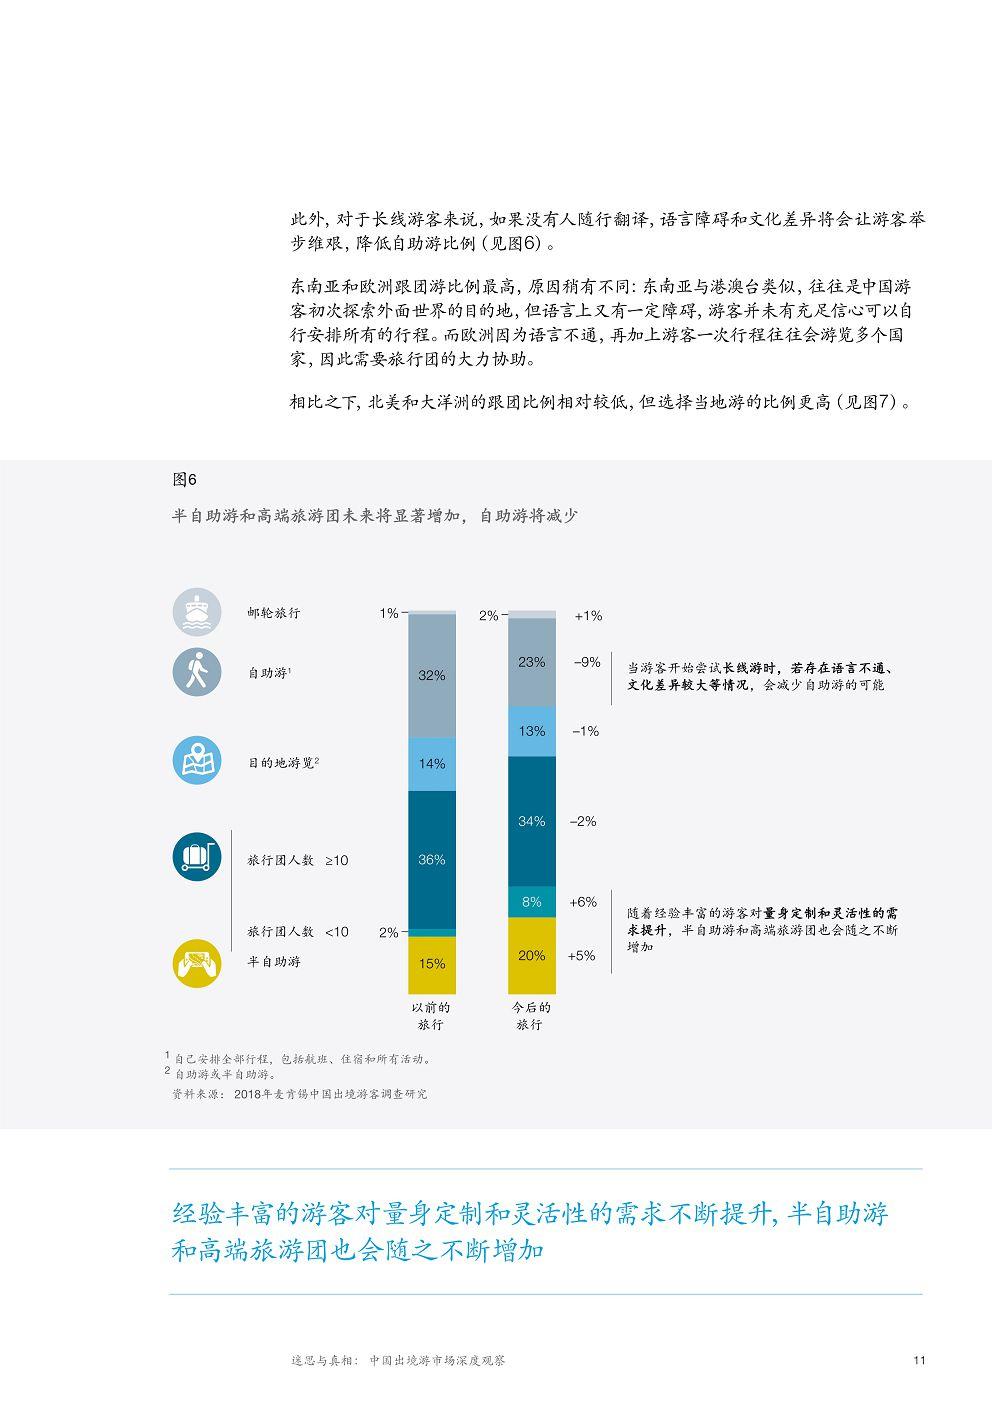 McK_China-tourism-report-2018_CN_15